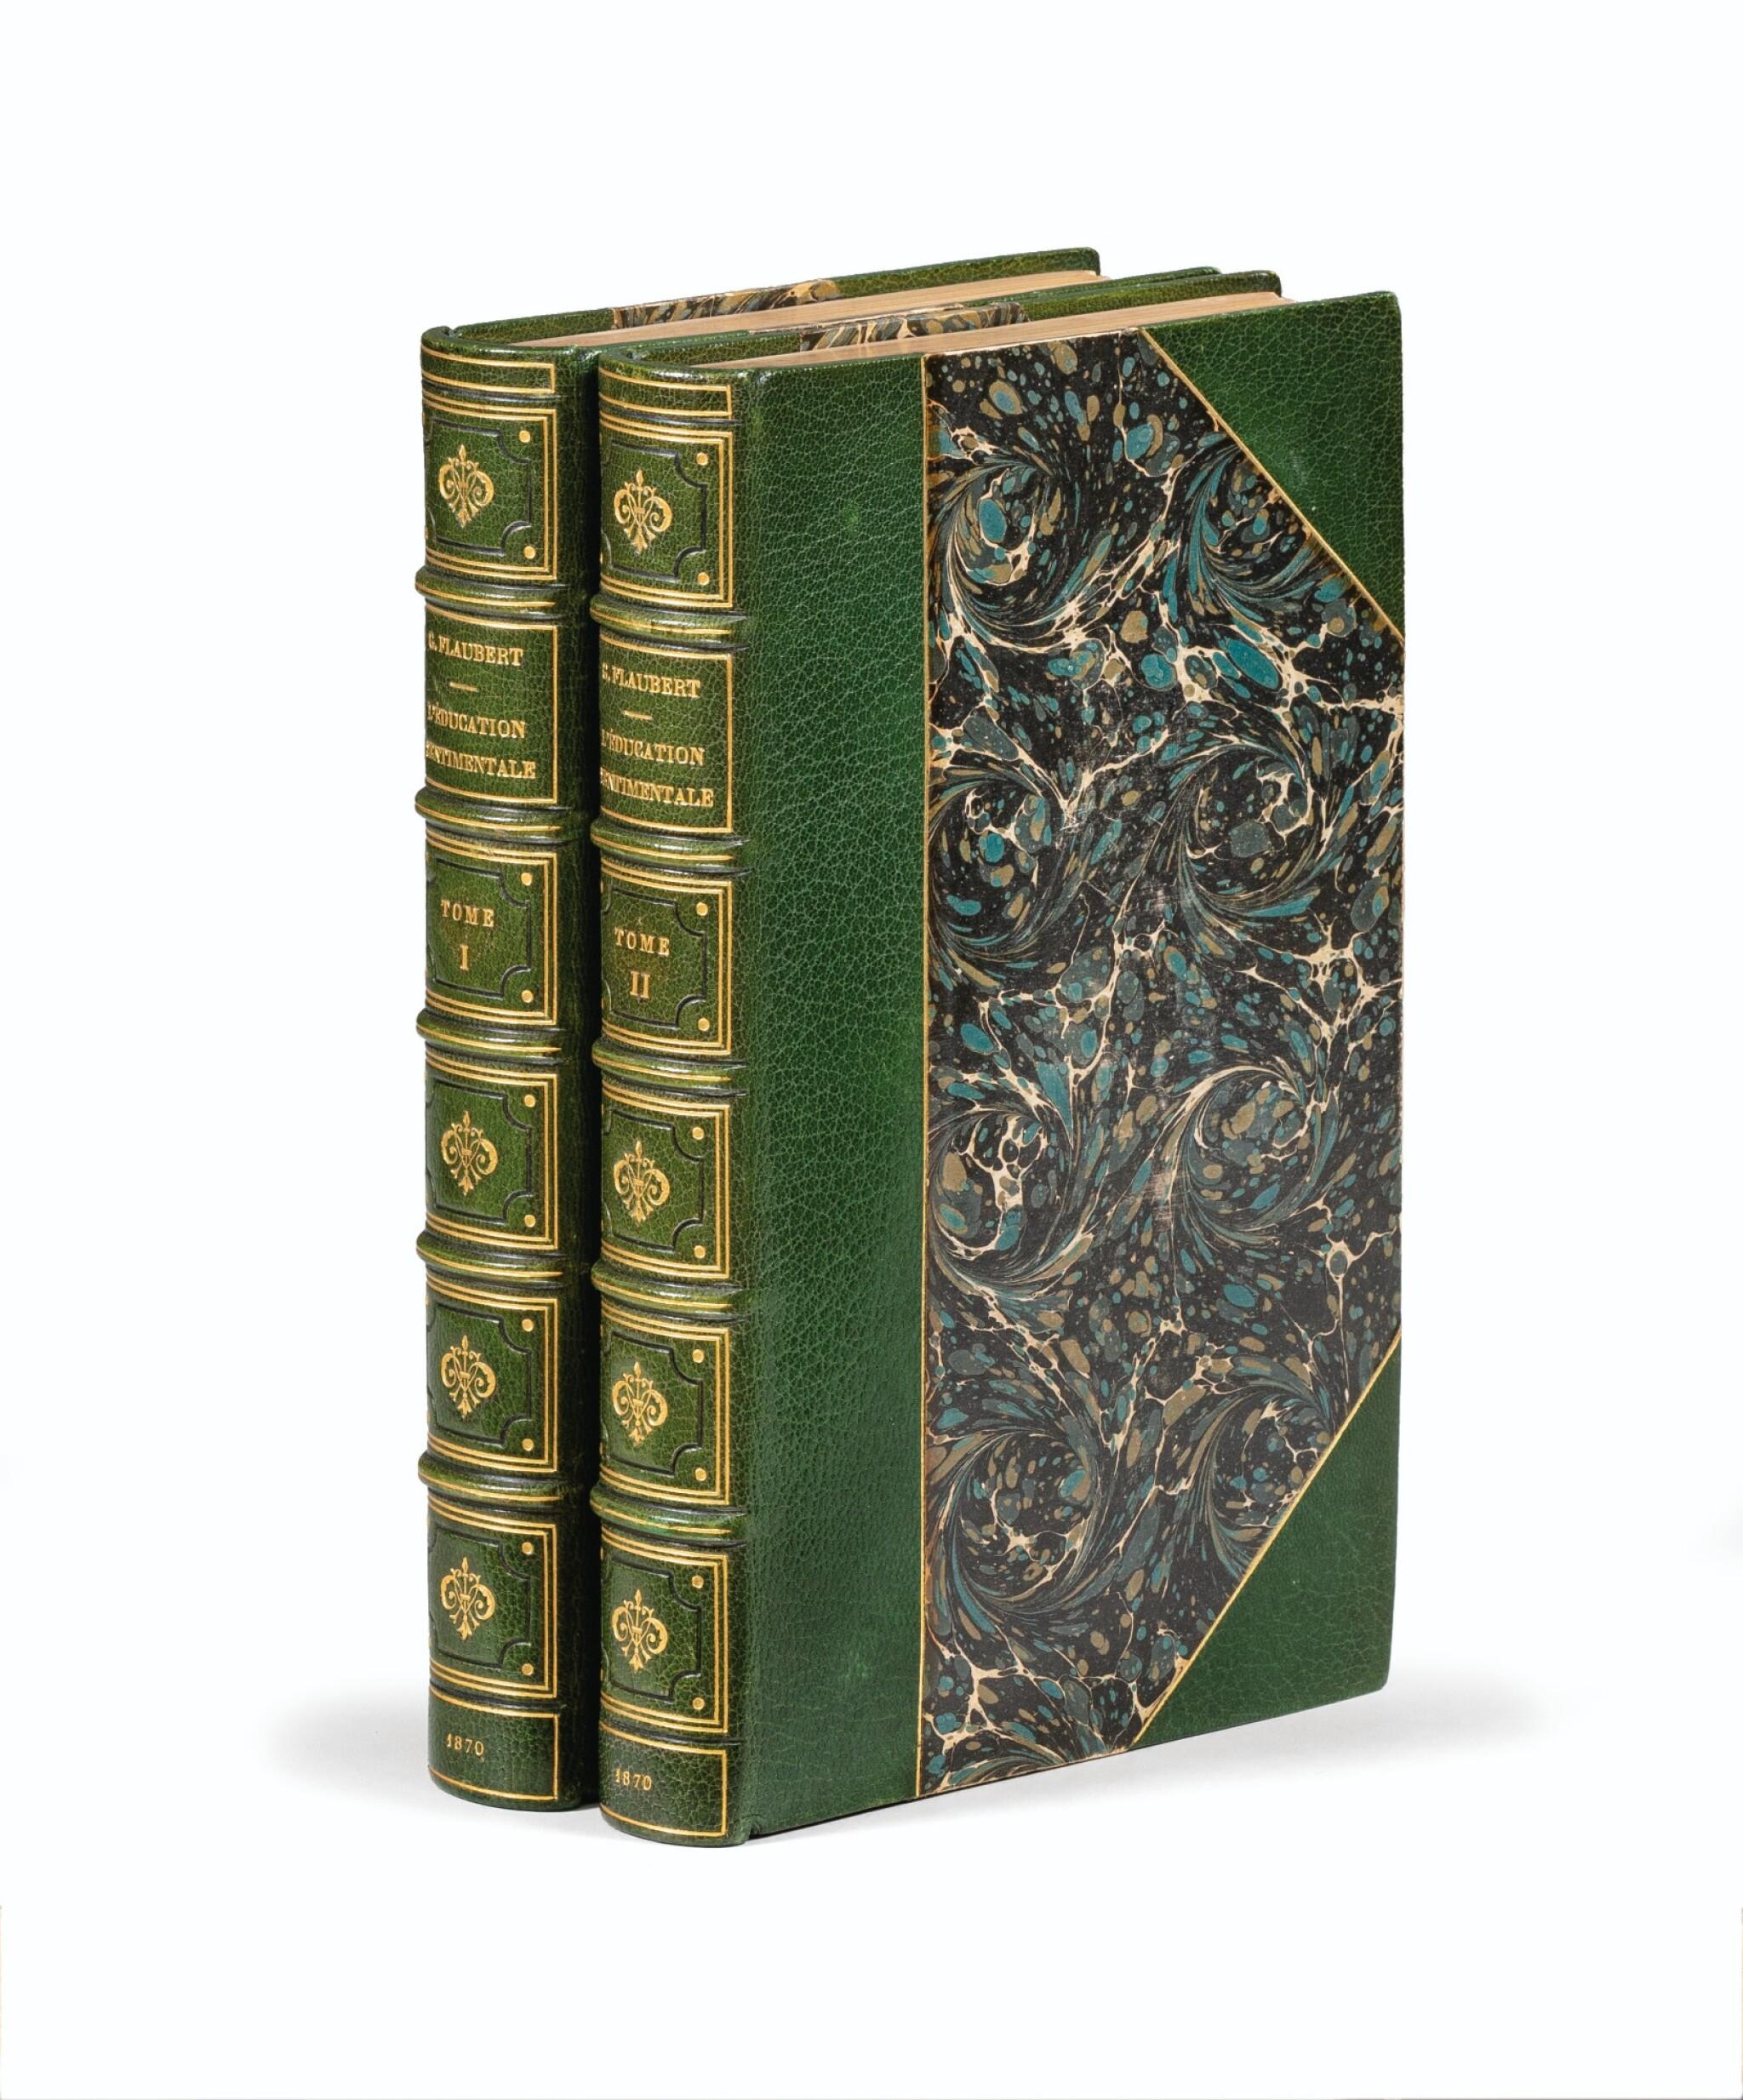 View 1 of Lot 42. FLAUBERT. L'Éducation sentimentale. 1870. 2 vol. in-8. Rel. de Carayon. E.O., ex. sur hollande, envoi à Janin.